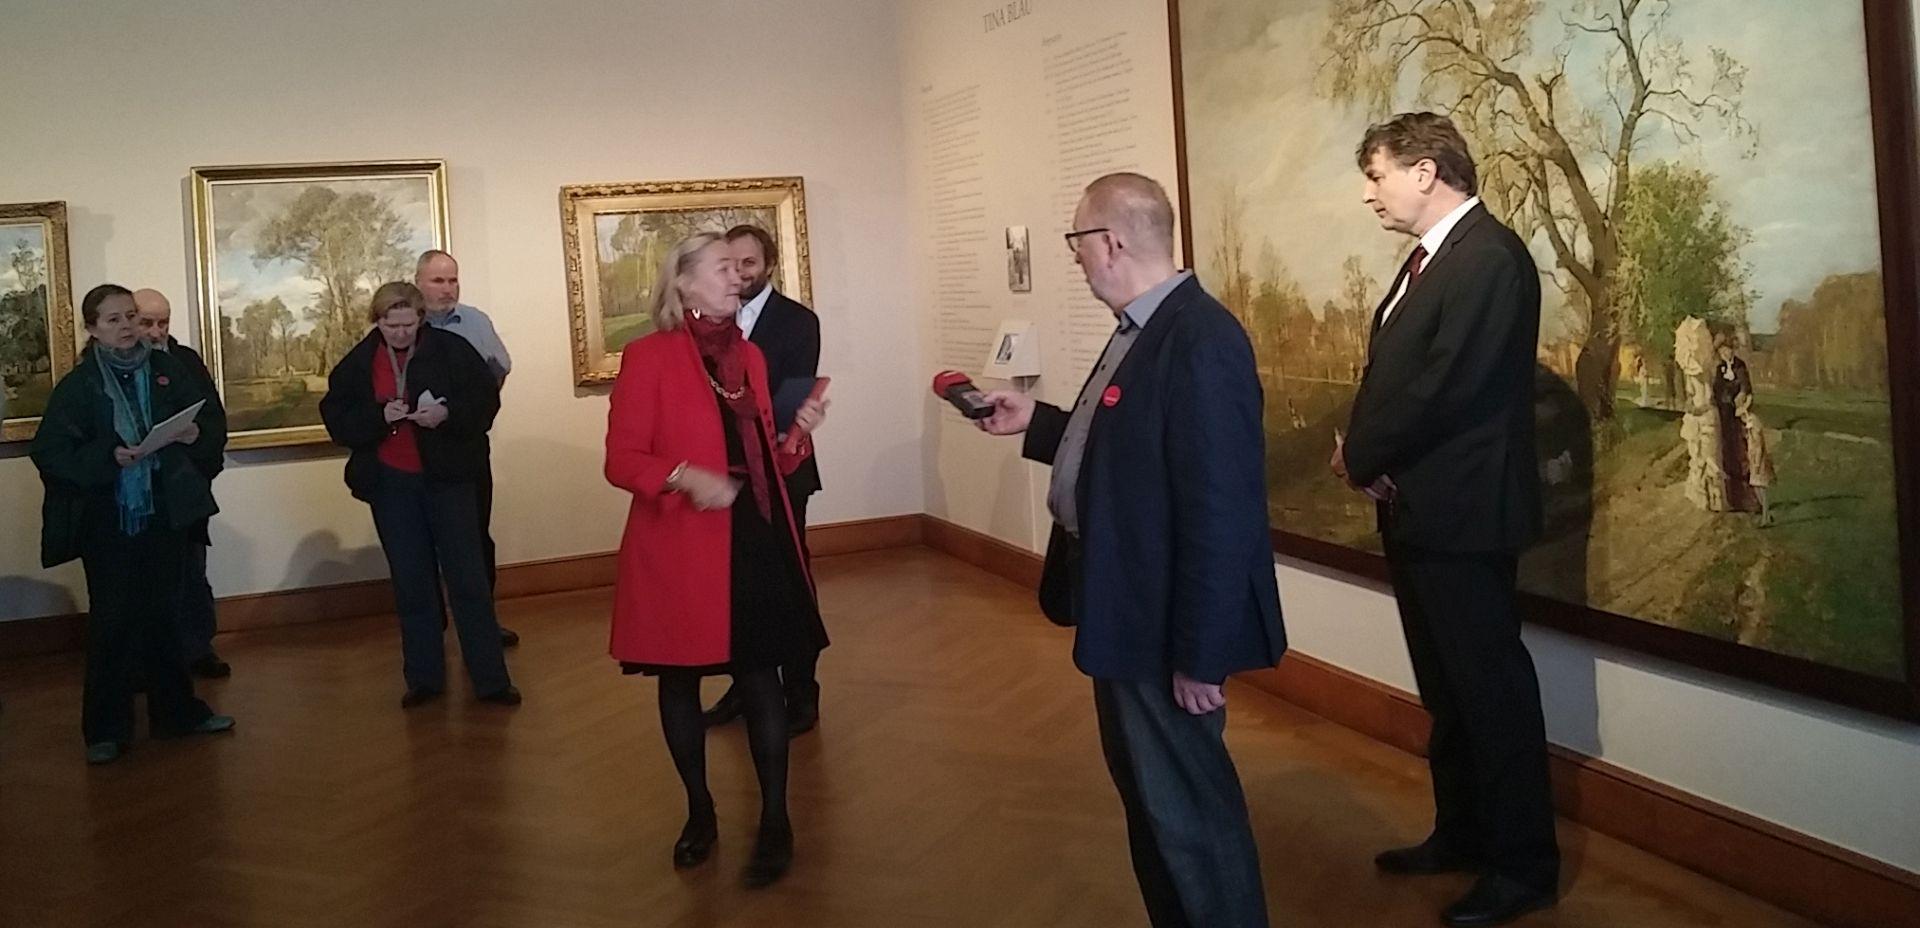 Izložba majstorskih djela Tine Blau u bečkom muzeju Belvedere